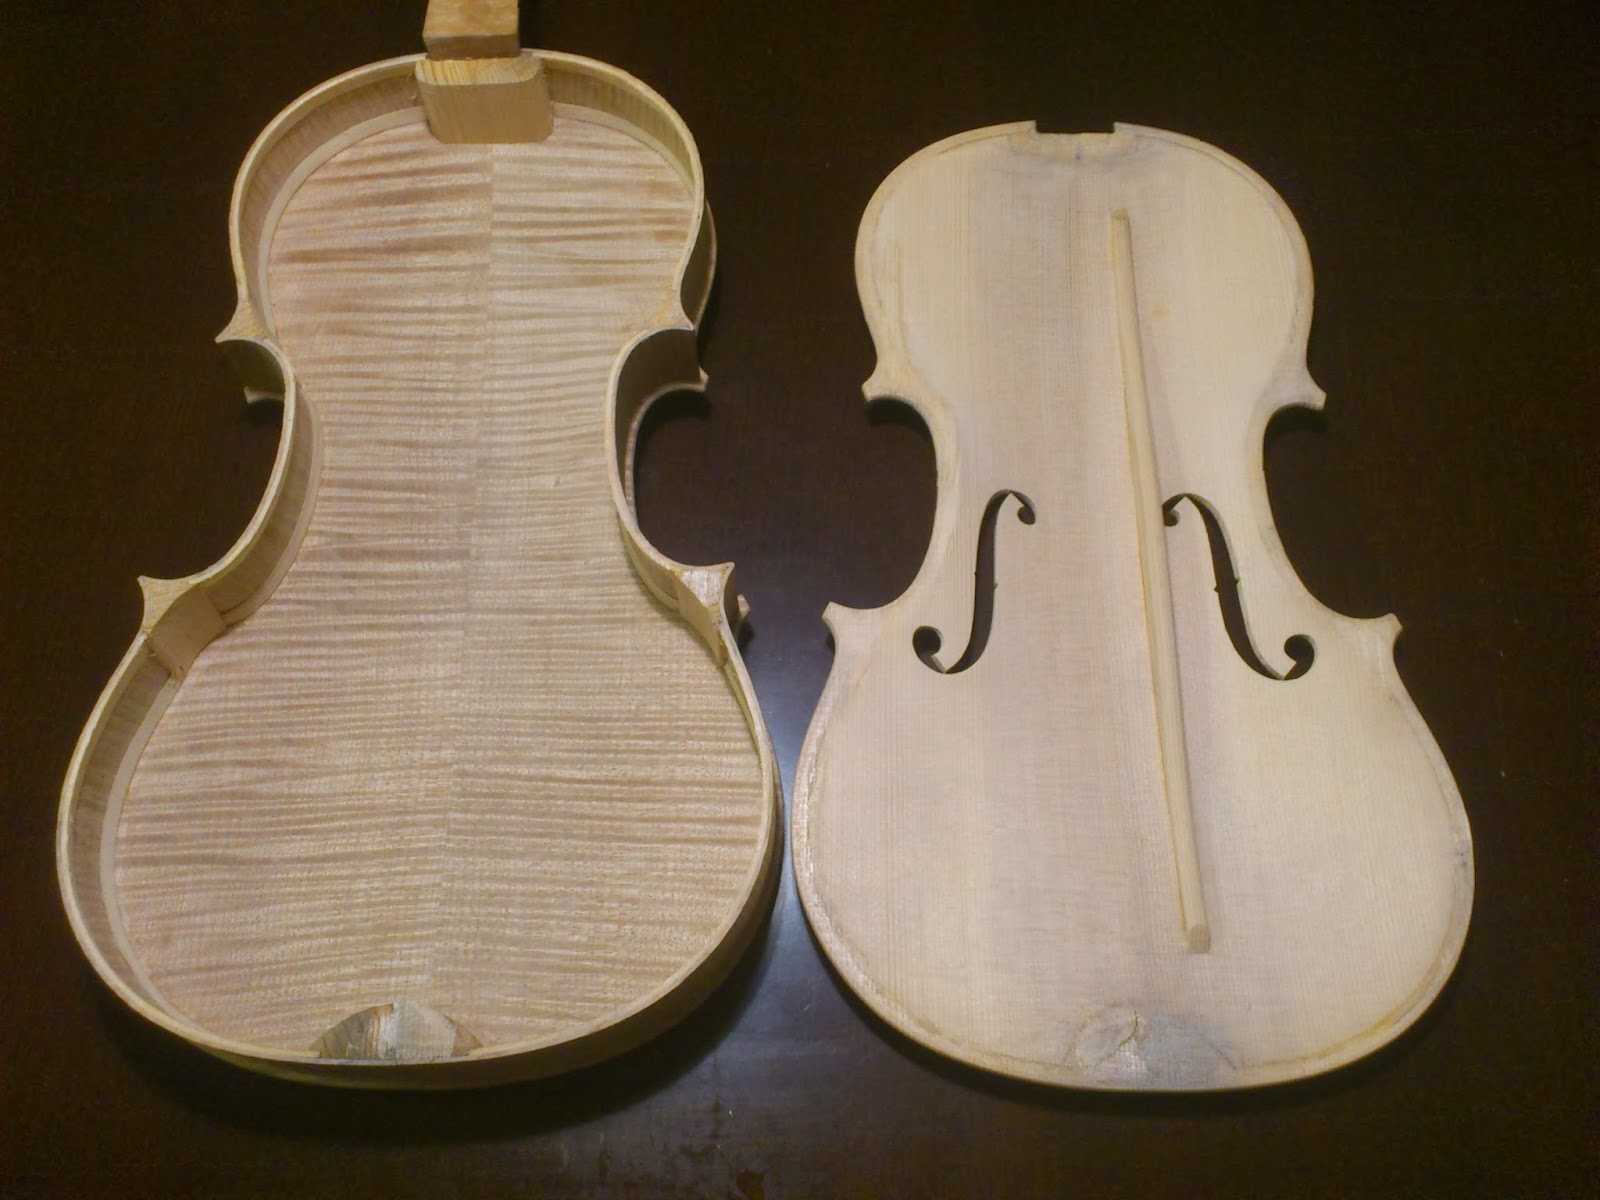 「ヴァイオリン 内側」の画像検索結果